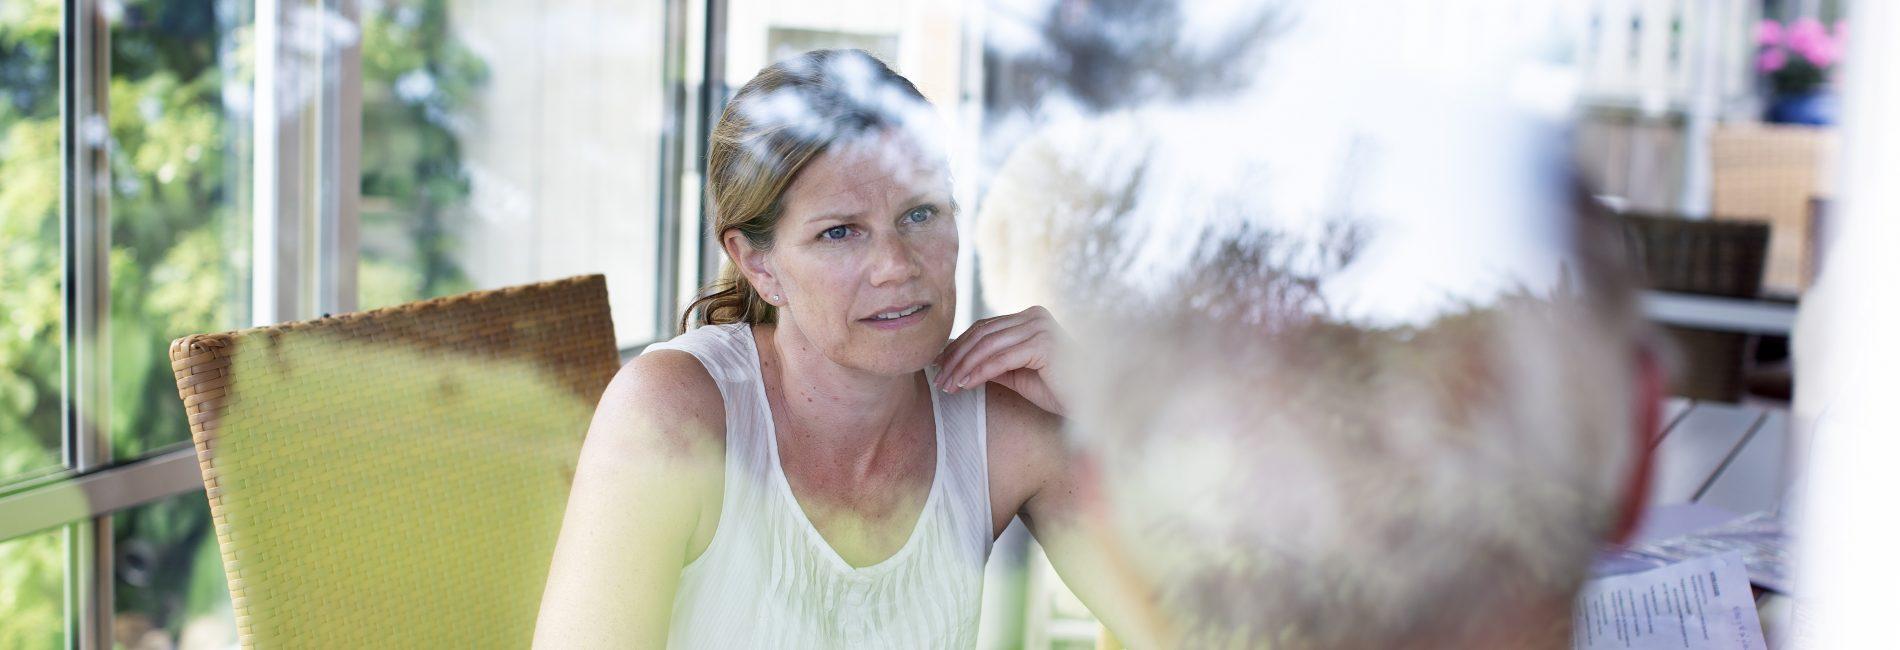 Kvinne snakker med mann bak vindu. Foto.